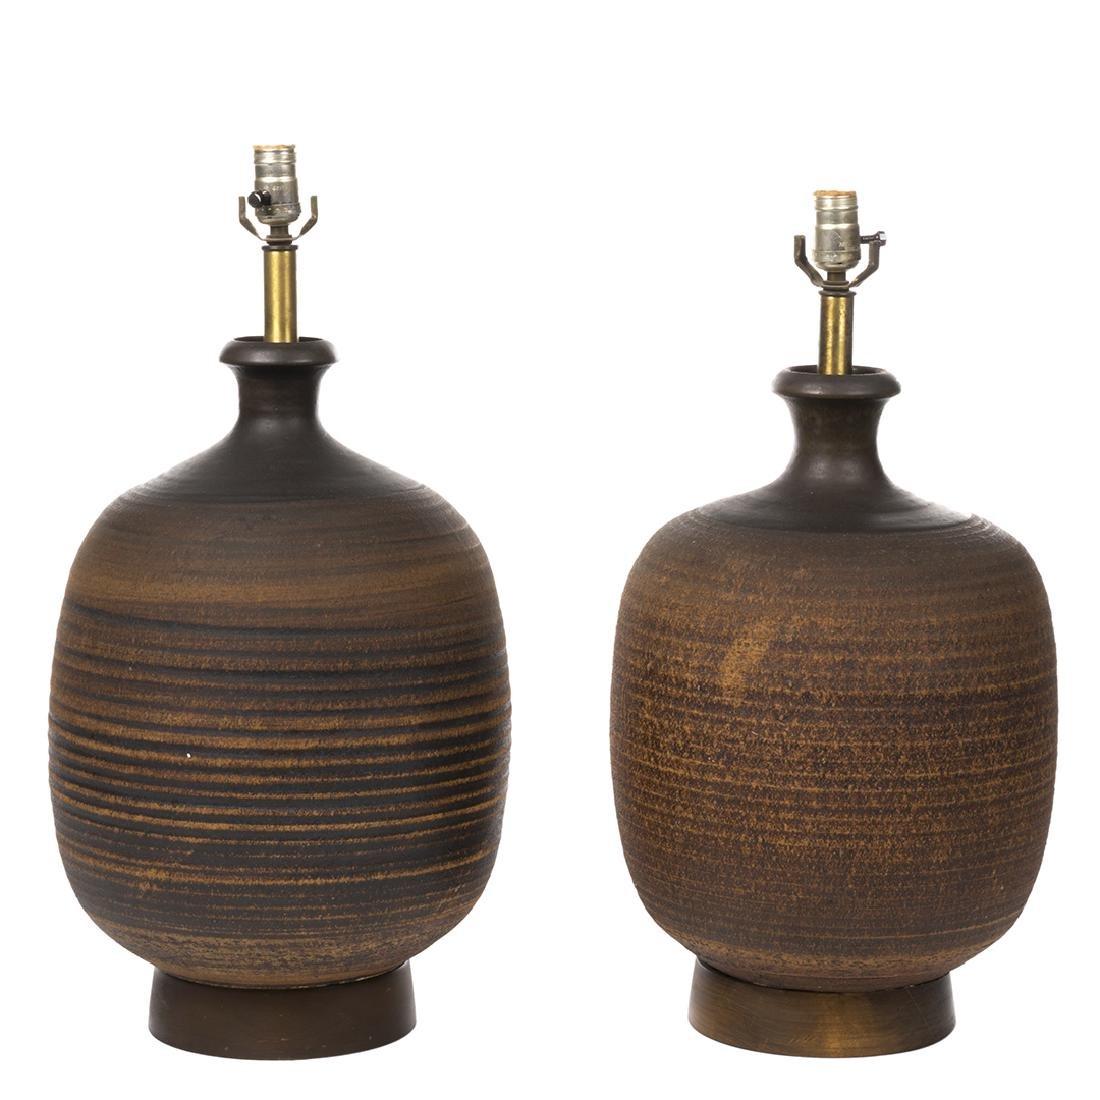 Bob Kinzie Ceramic Table Lamps